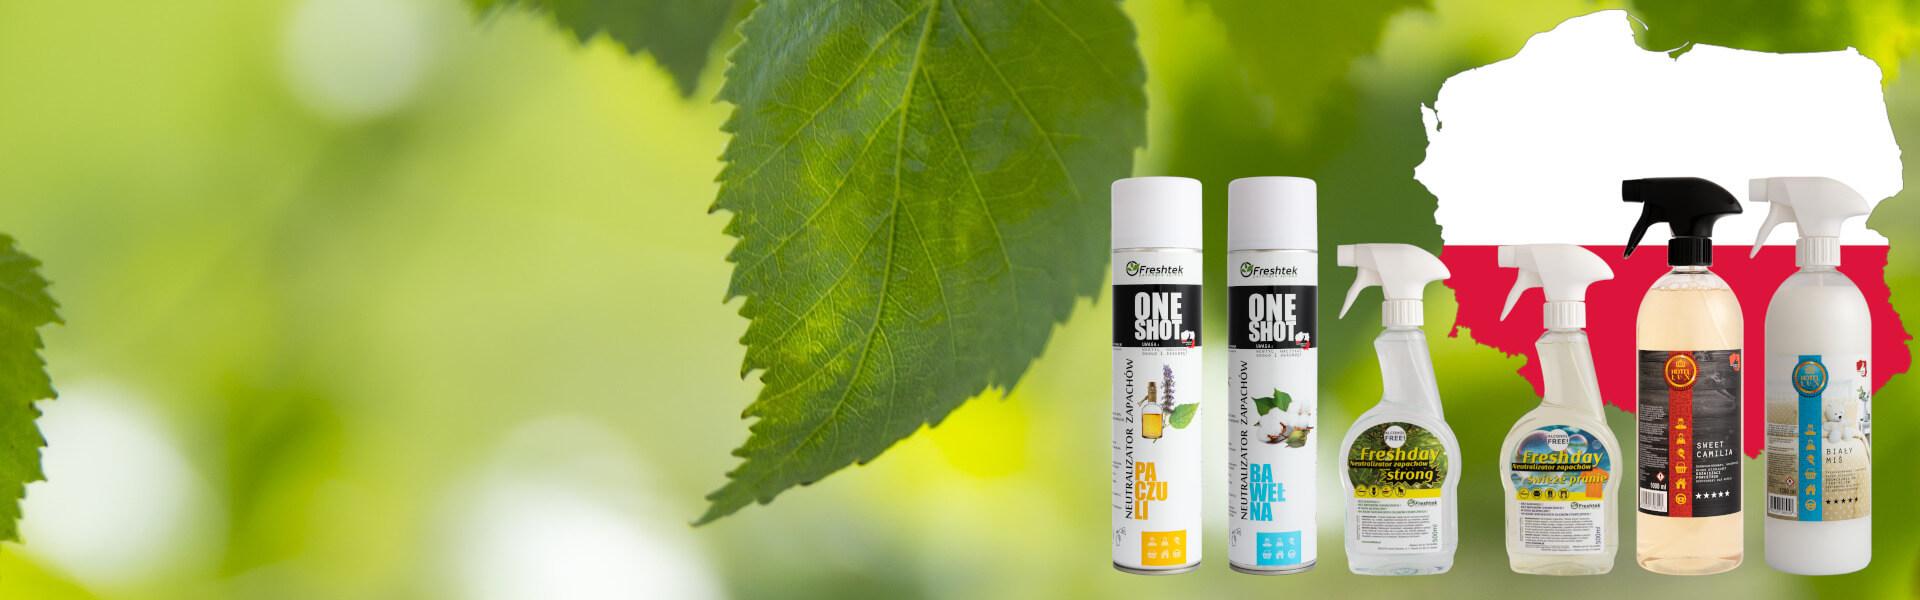 Polski producent neutralizatorów zapachów